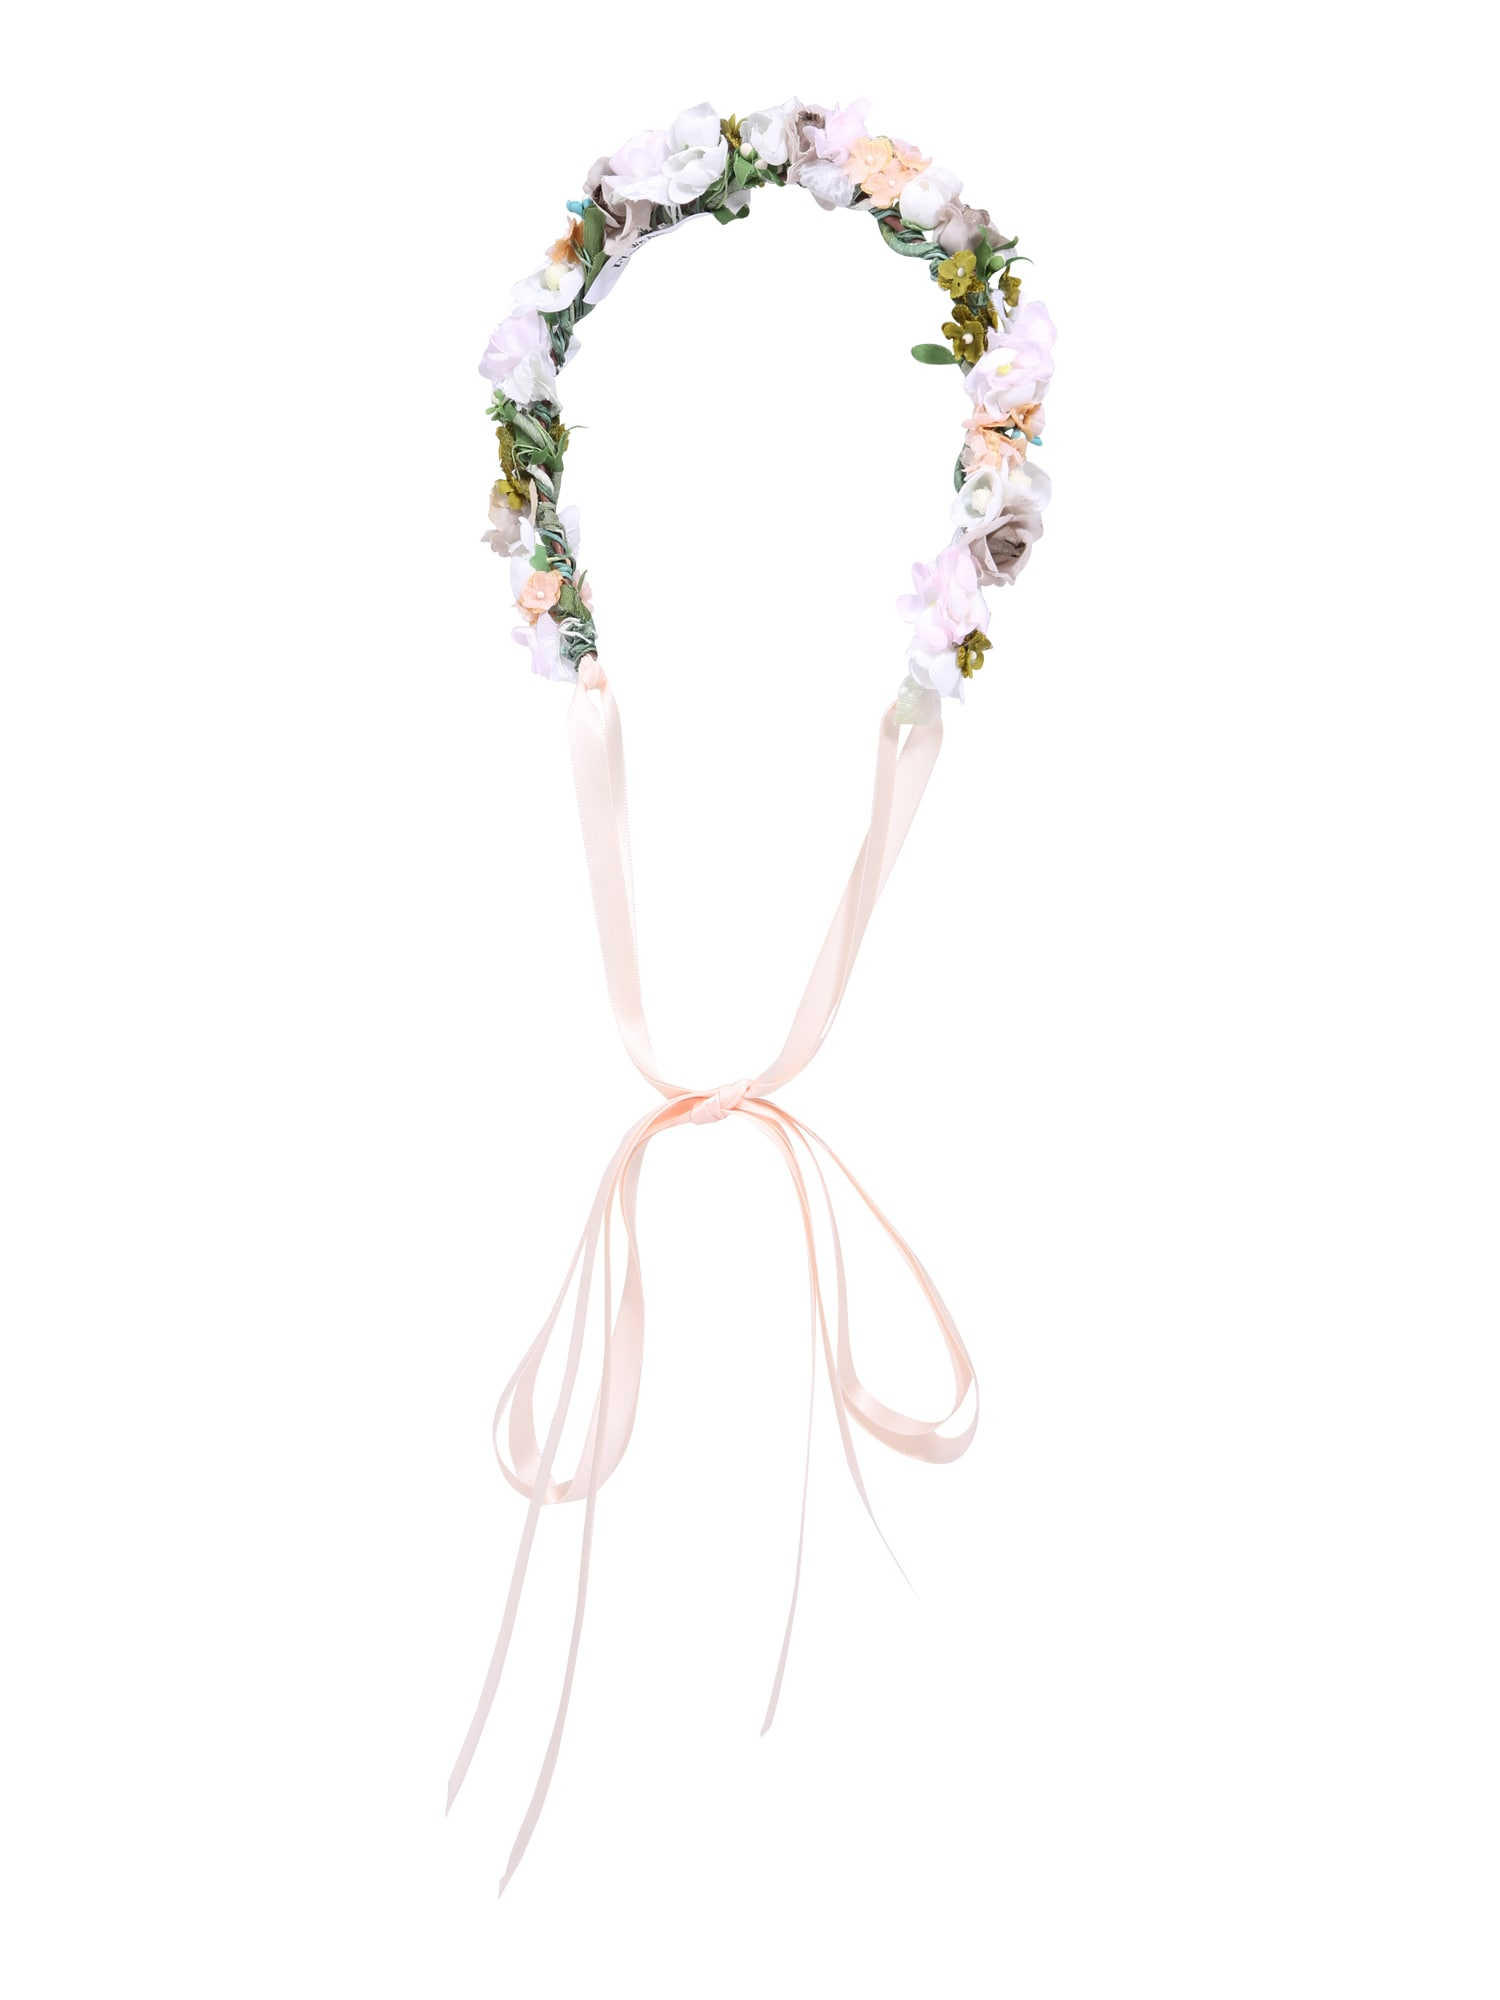 Šperky do vlasů Bridal Style zelená růžová bílá We Are Flowergirls